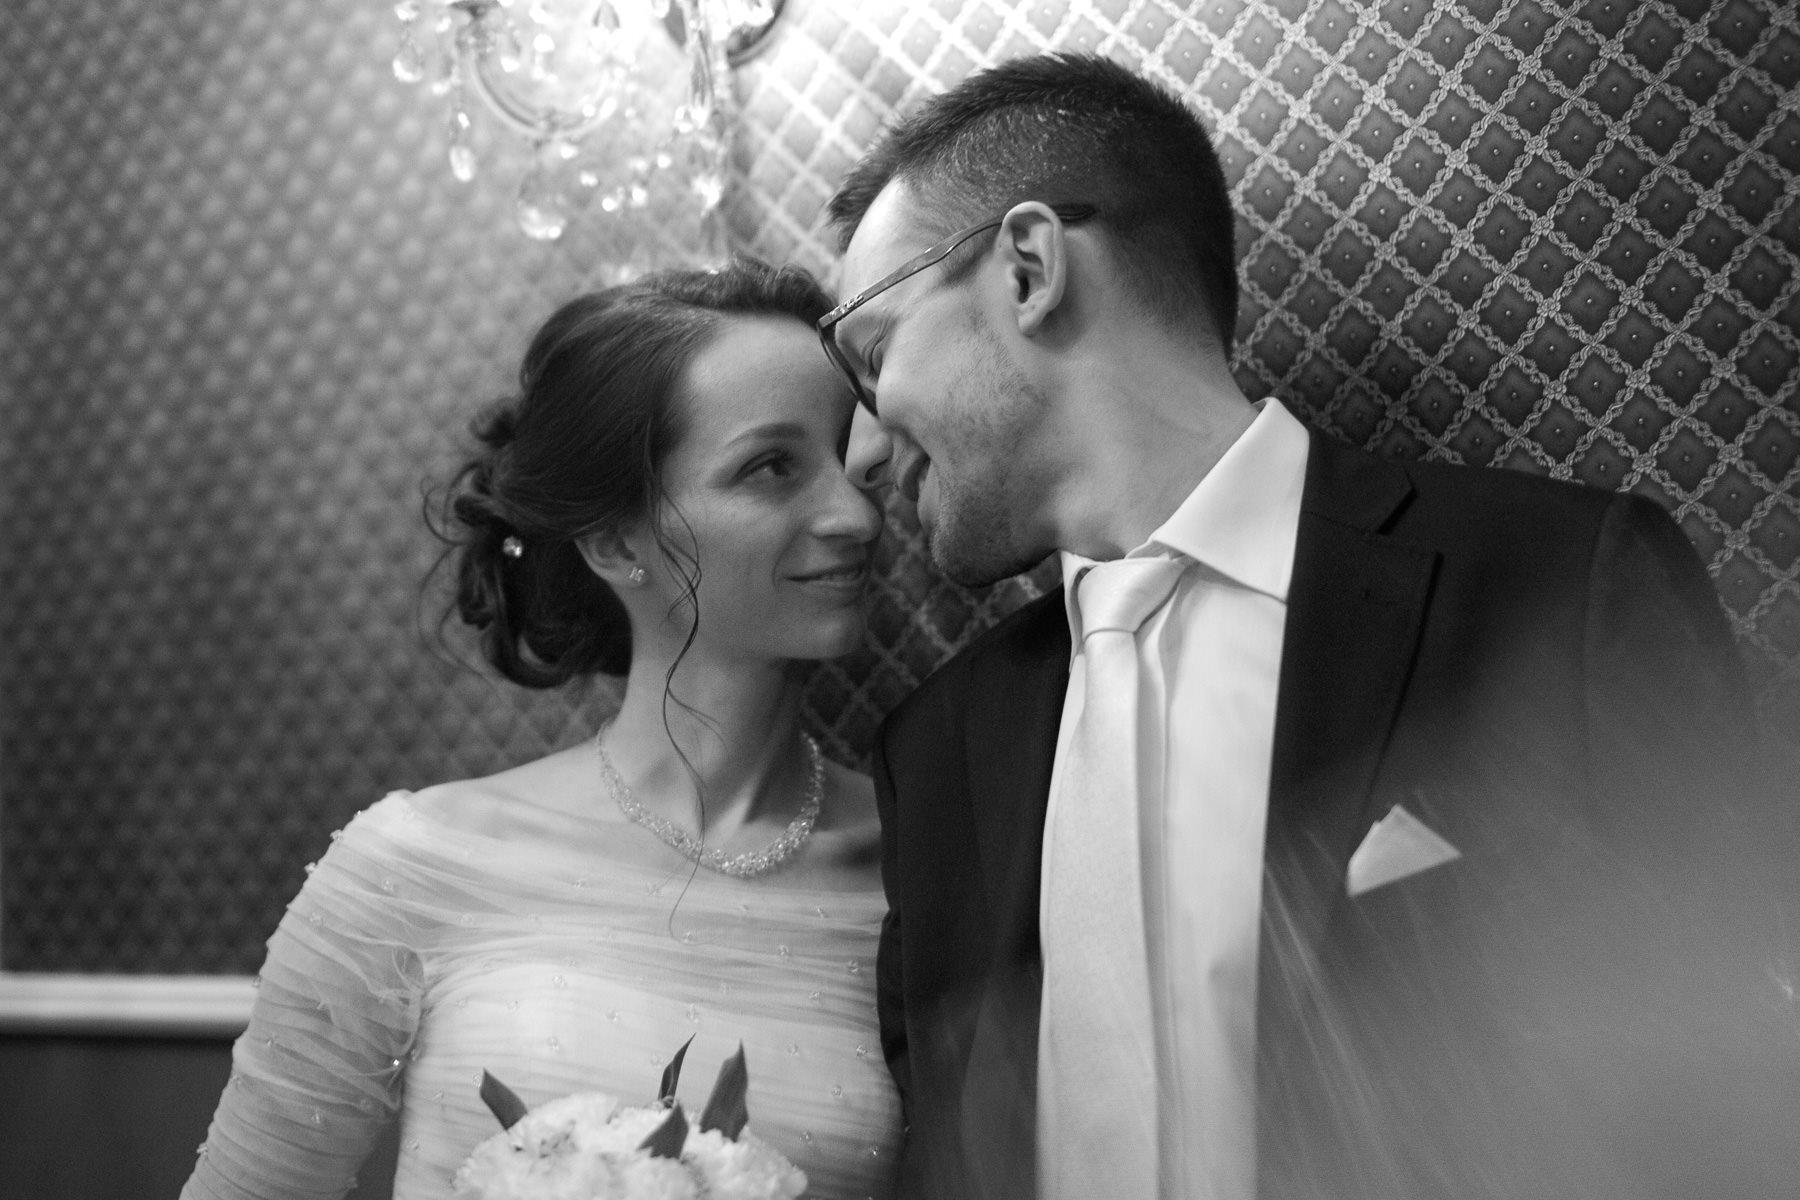 fotograf slub bielsko biala ania maciej 130 - Ślub w Bielsku-Białej - ANIA & MACIEJ